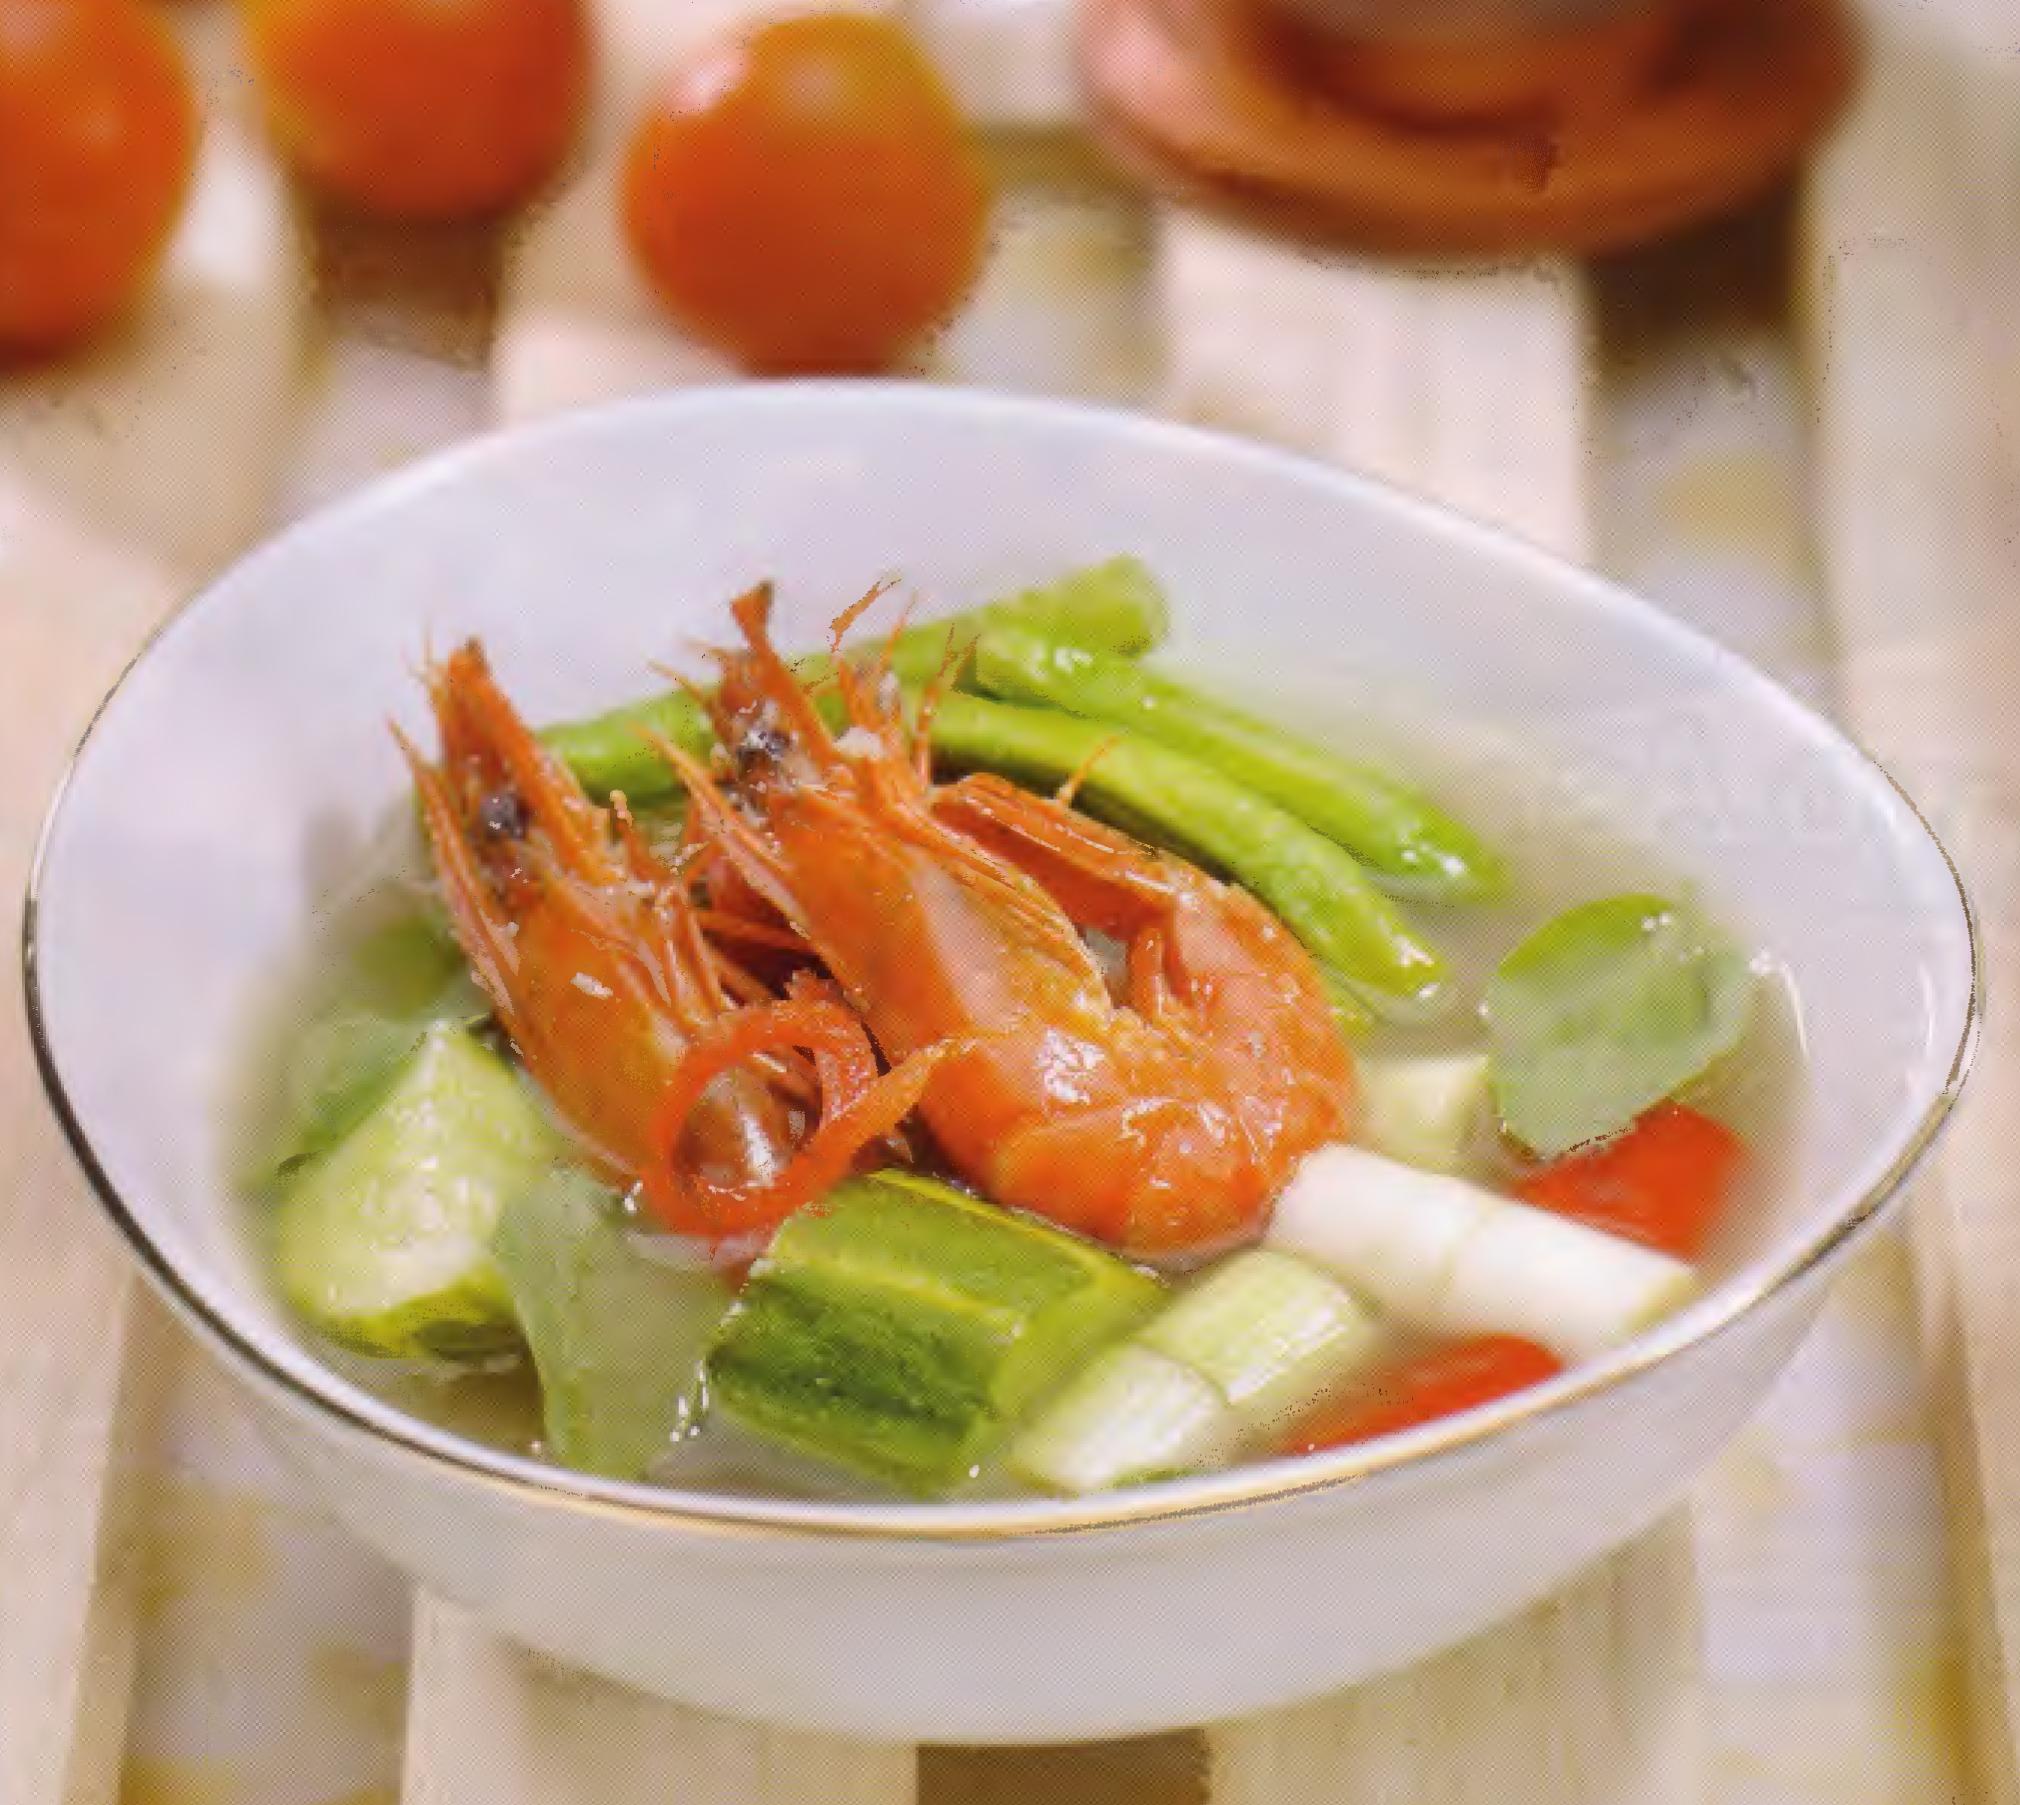 resep-sayur-asam-palembang